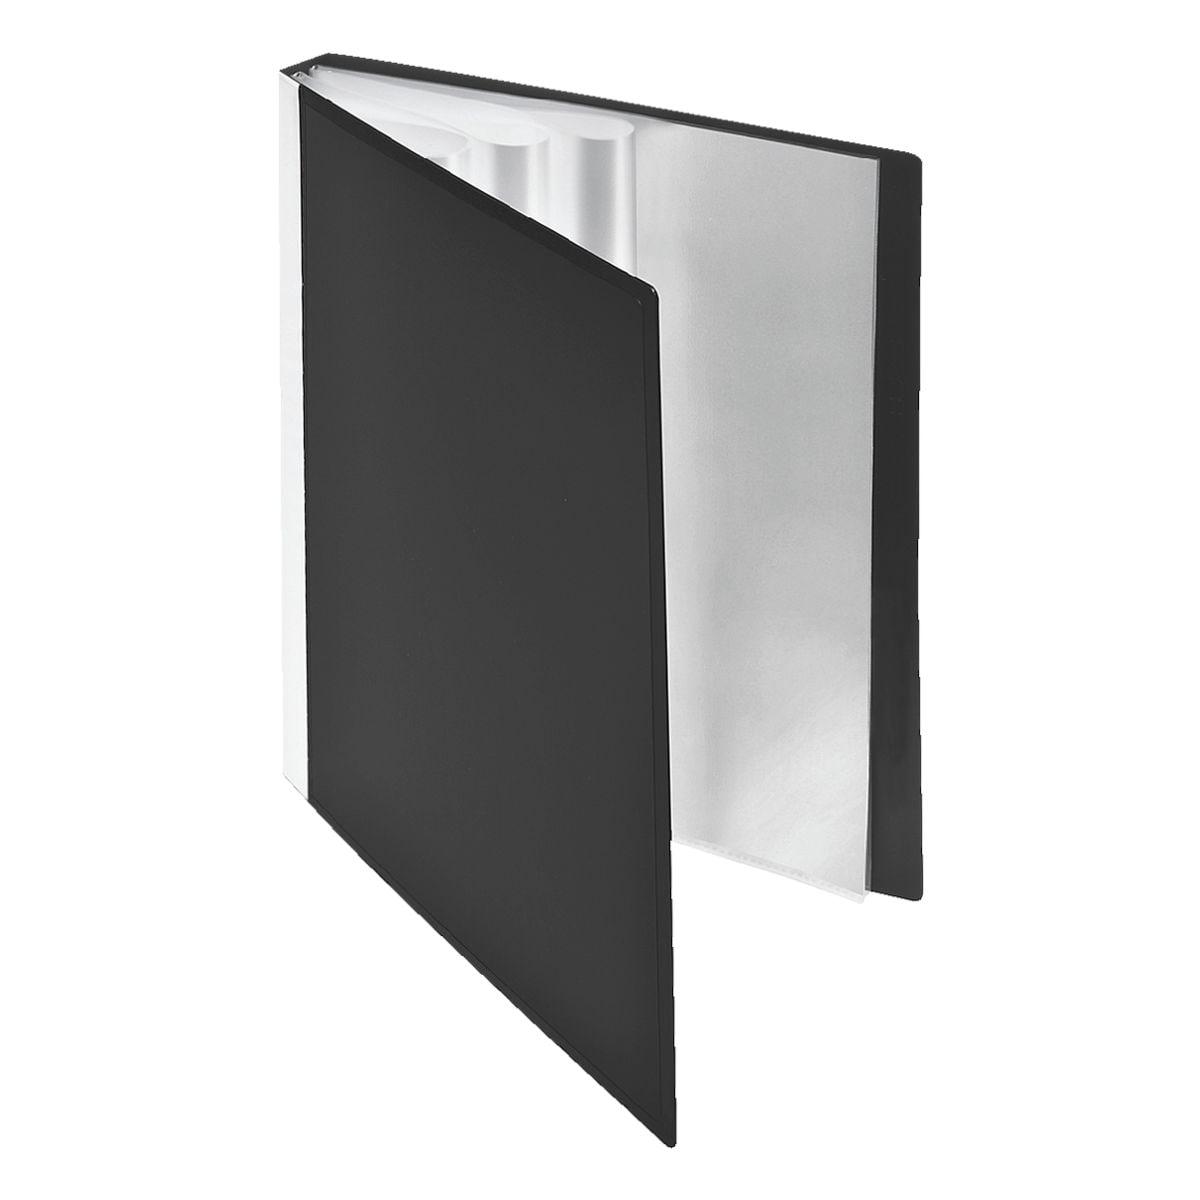 Foldersys Präsentations-Sichtbuch »Premium« 100 Hüllen